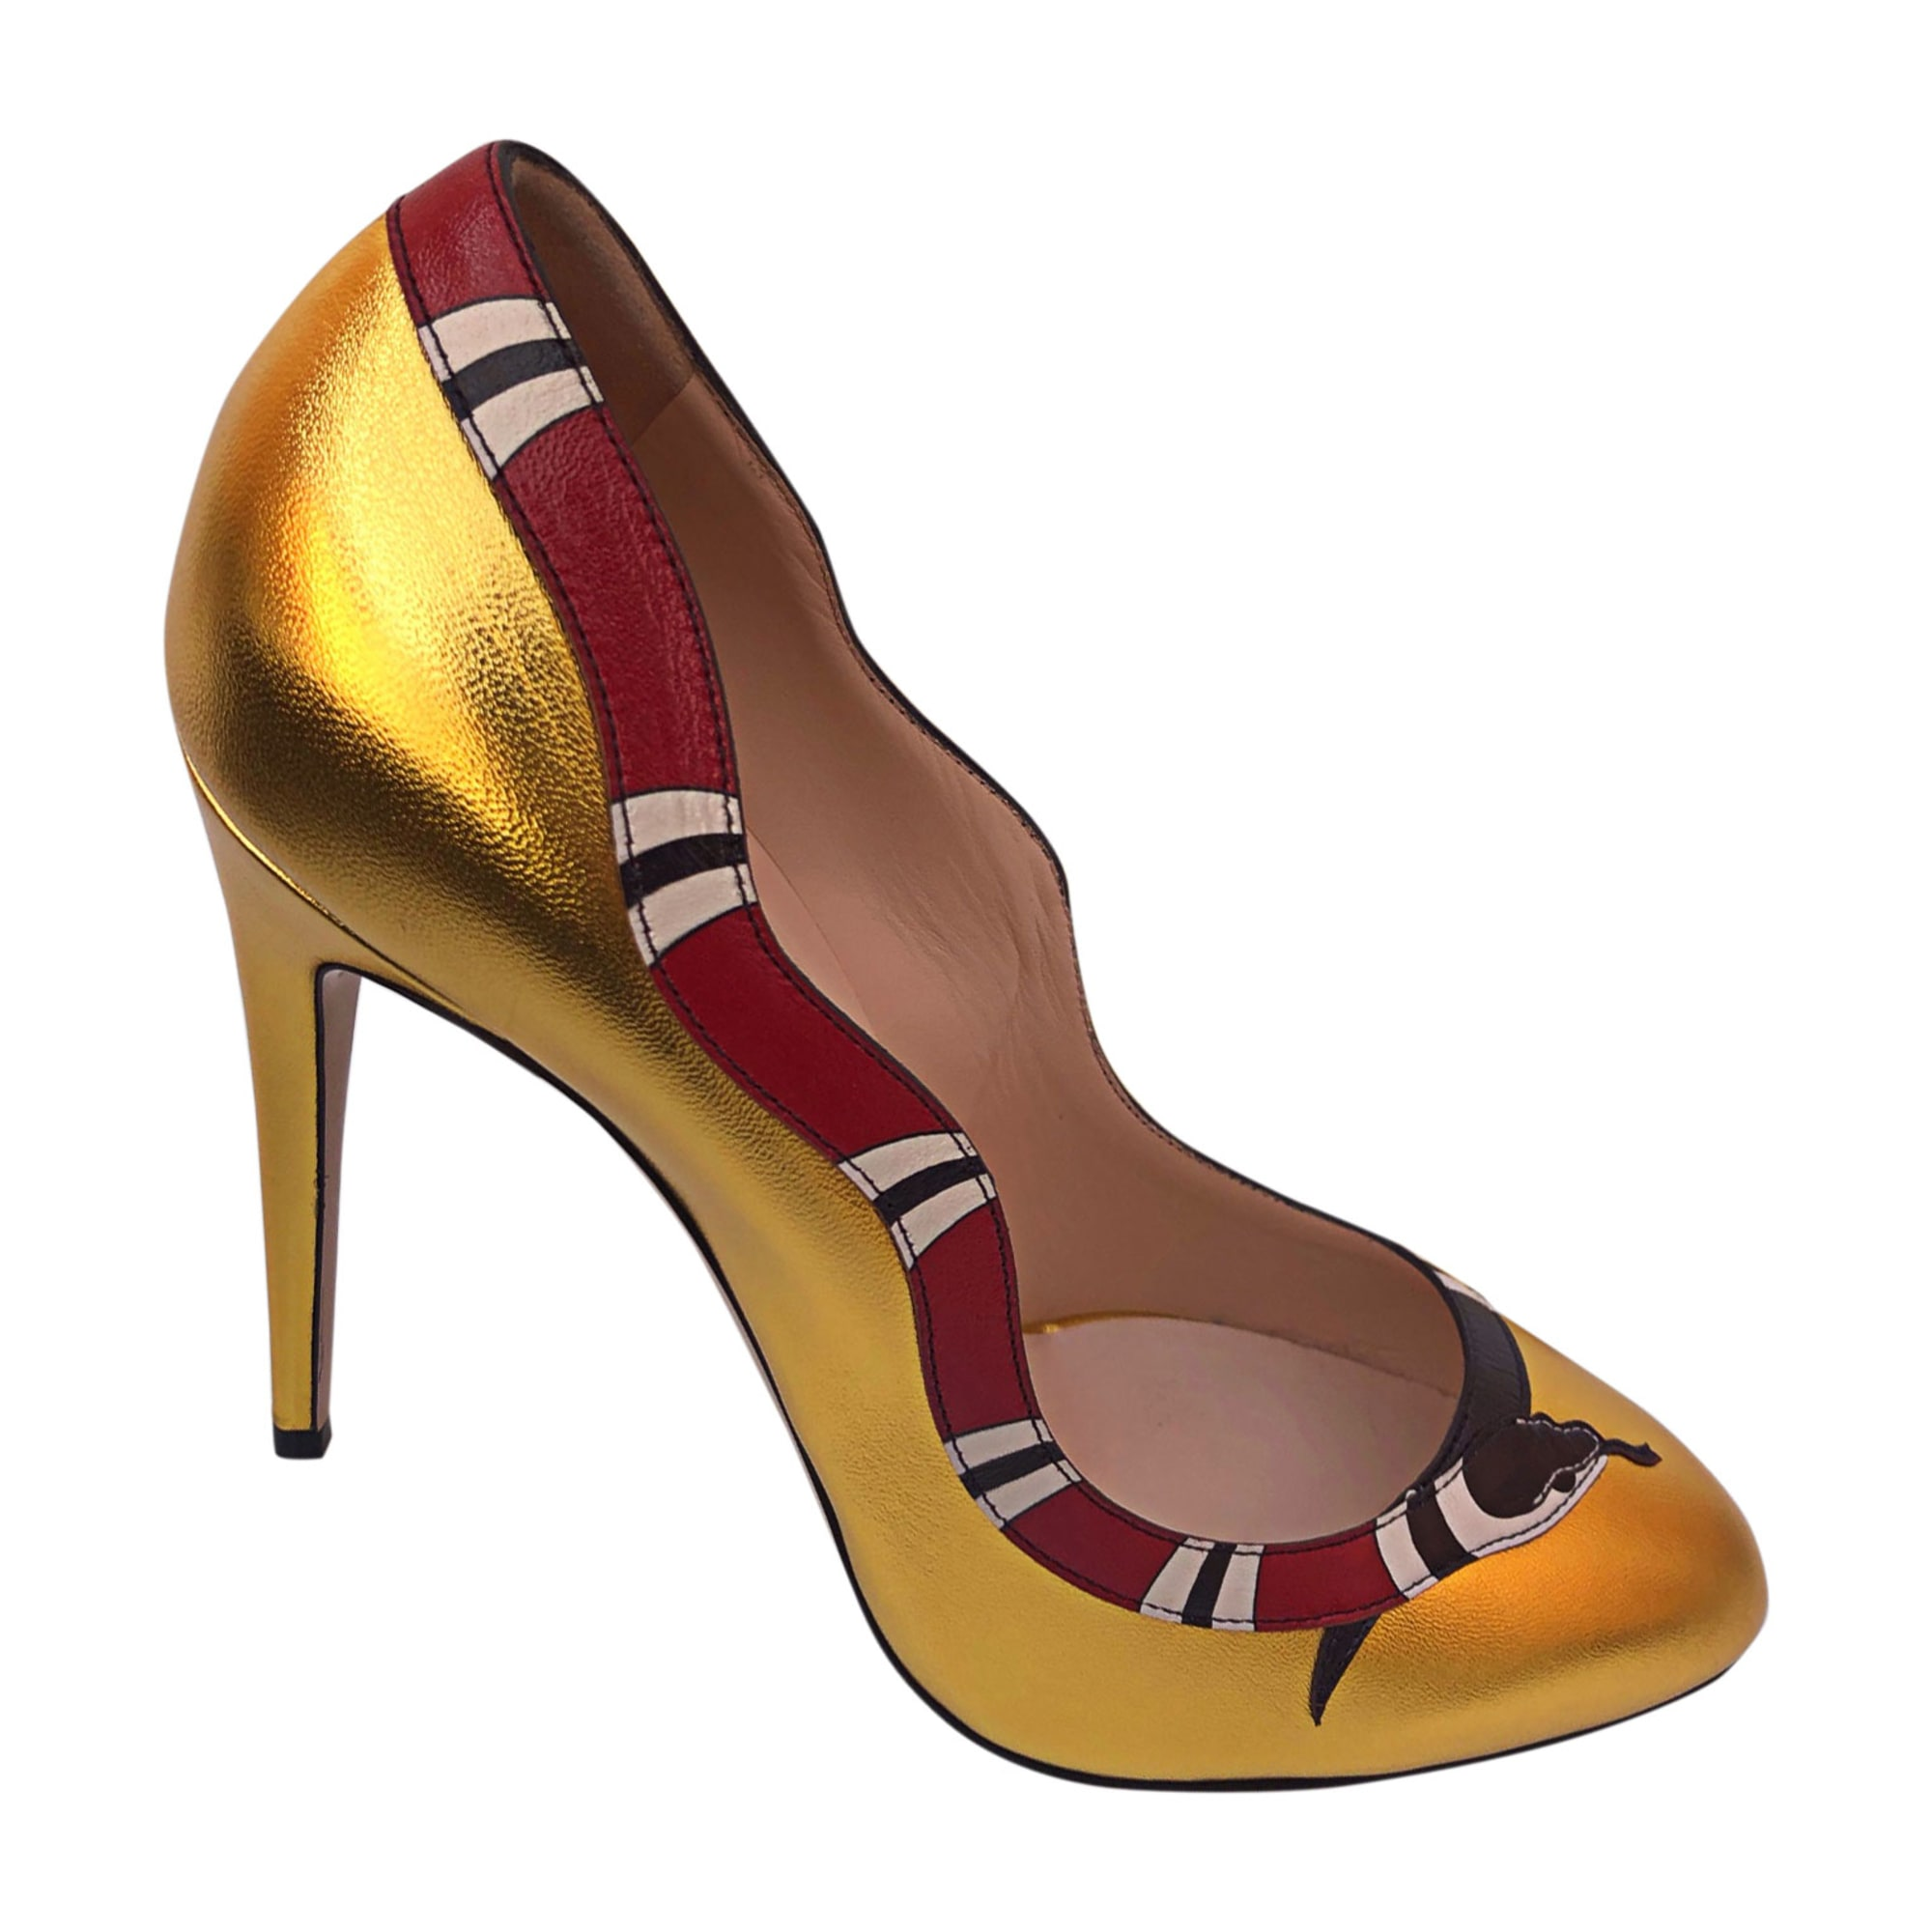 Pumps, Heels GUCCI Golden, bronze, copper